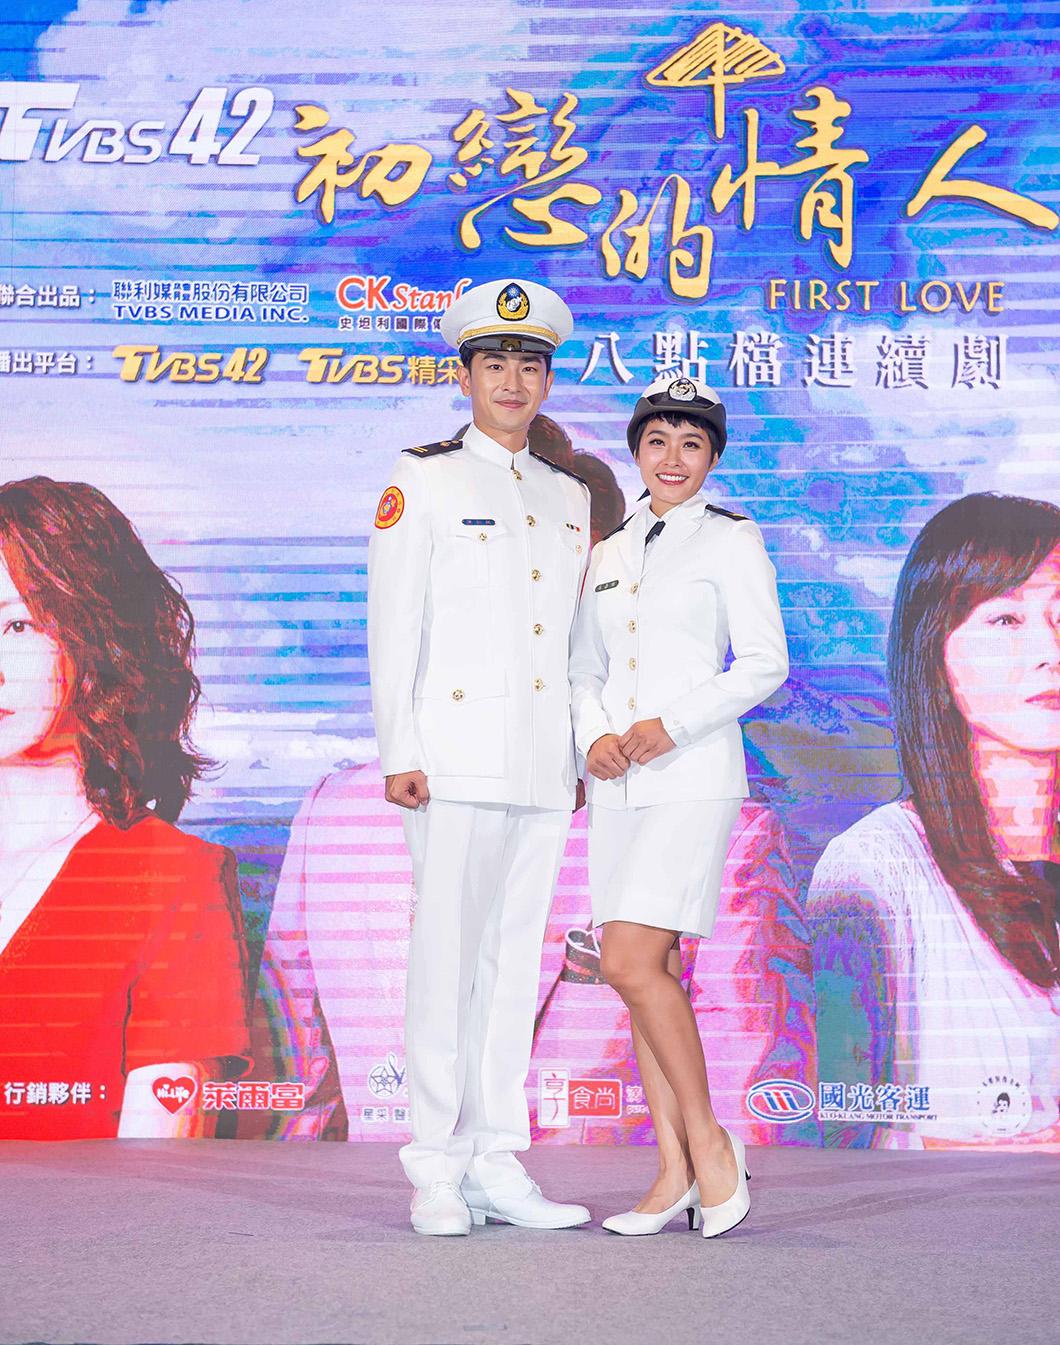 《女兵日記》演員陳謙文、小嫻力挺《初戀的情人》 圖/TVBS